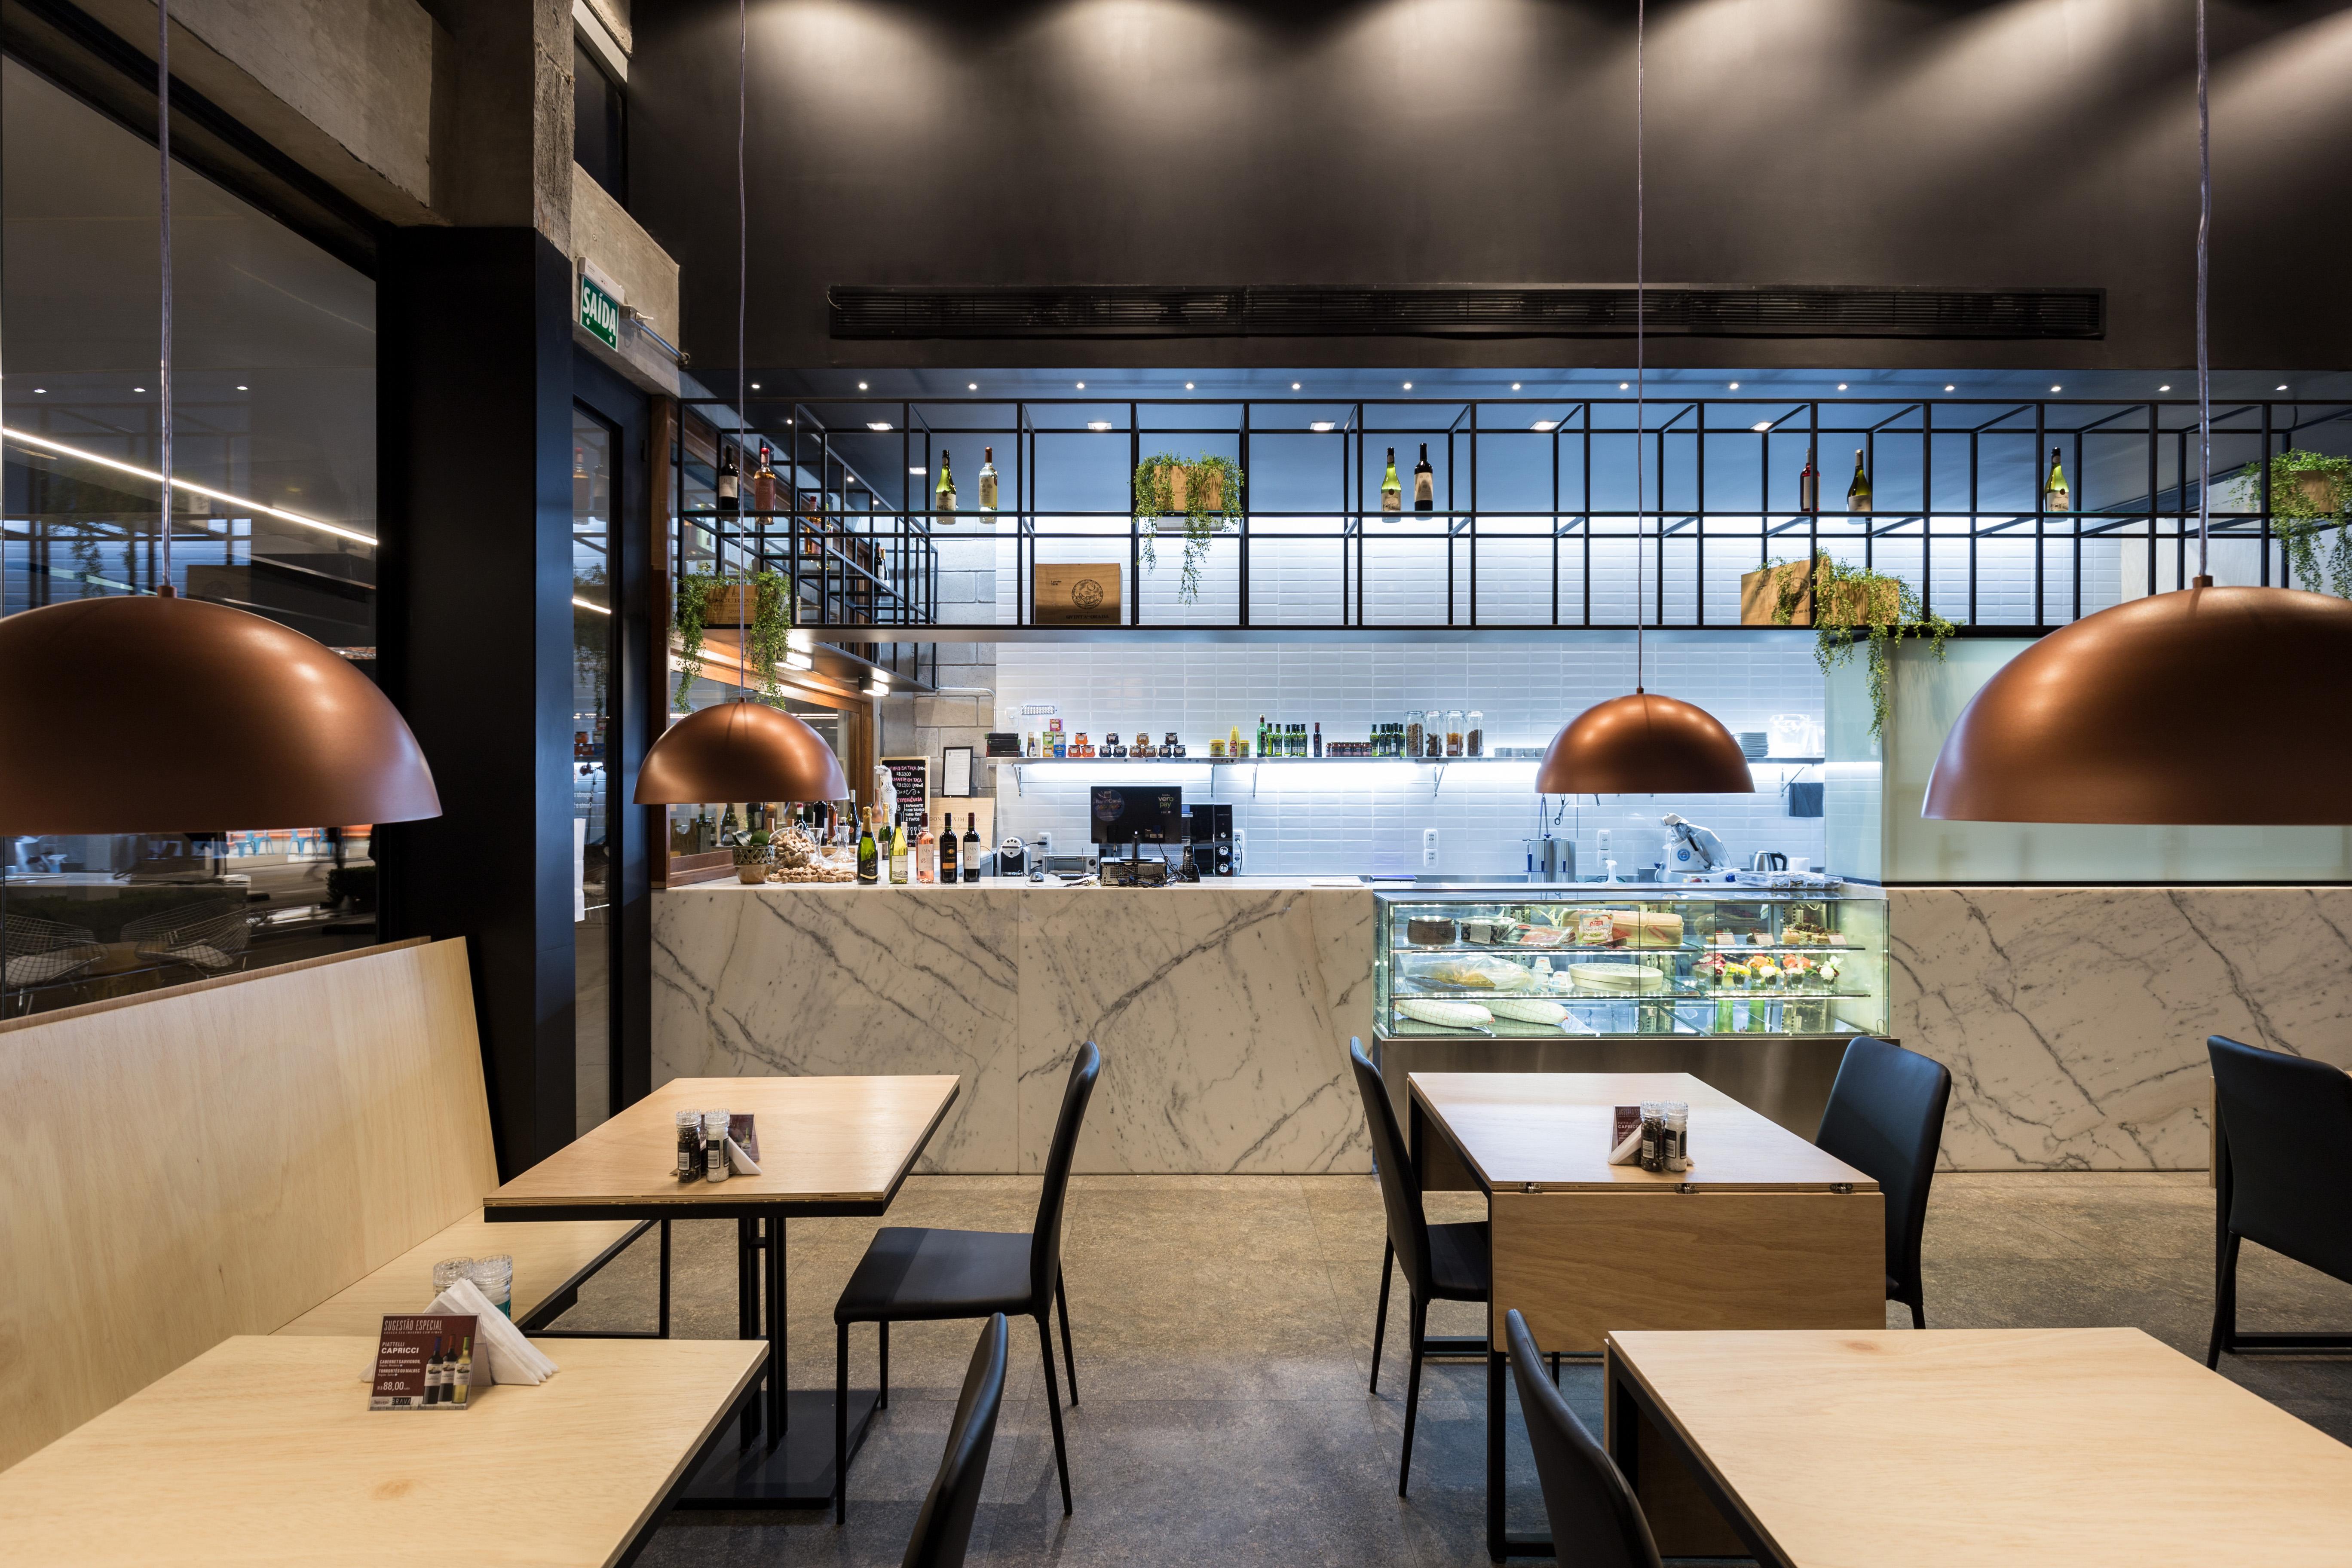 Brava Gastrobar - Salão de mesas